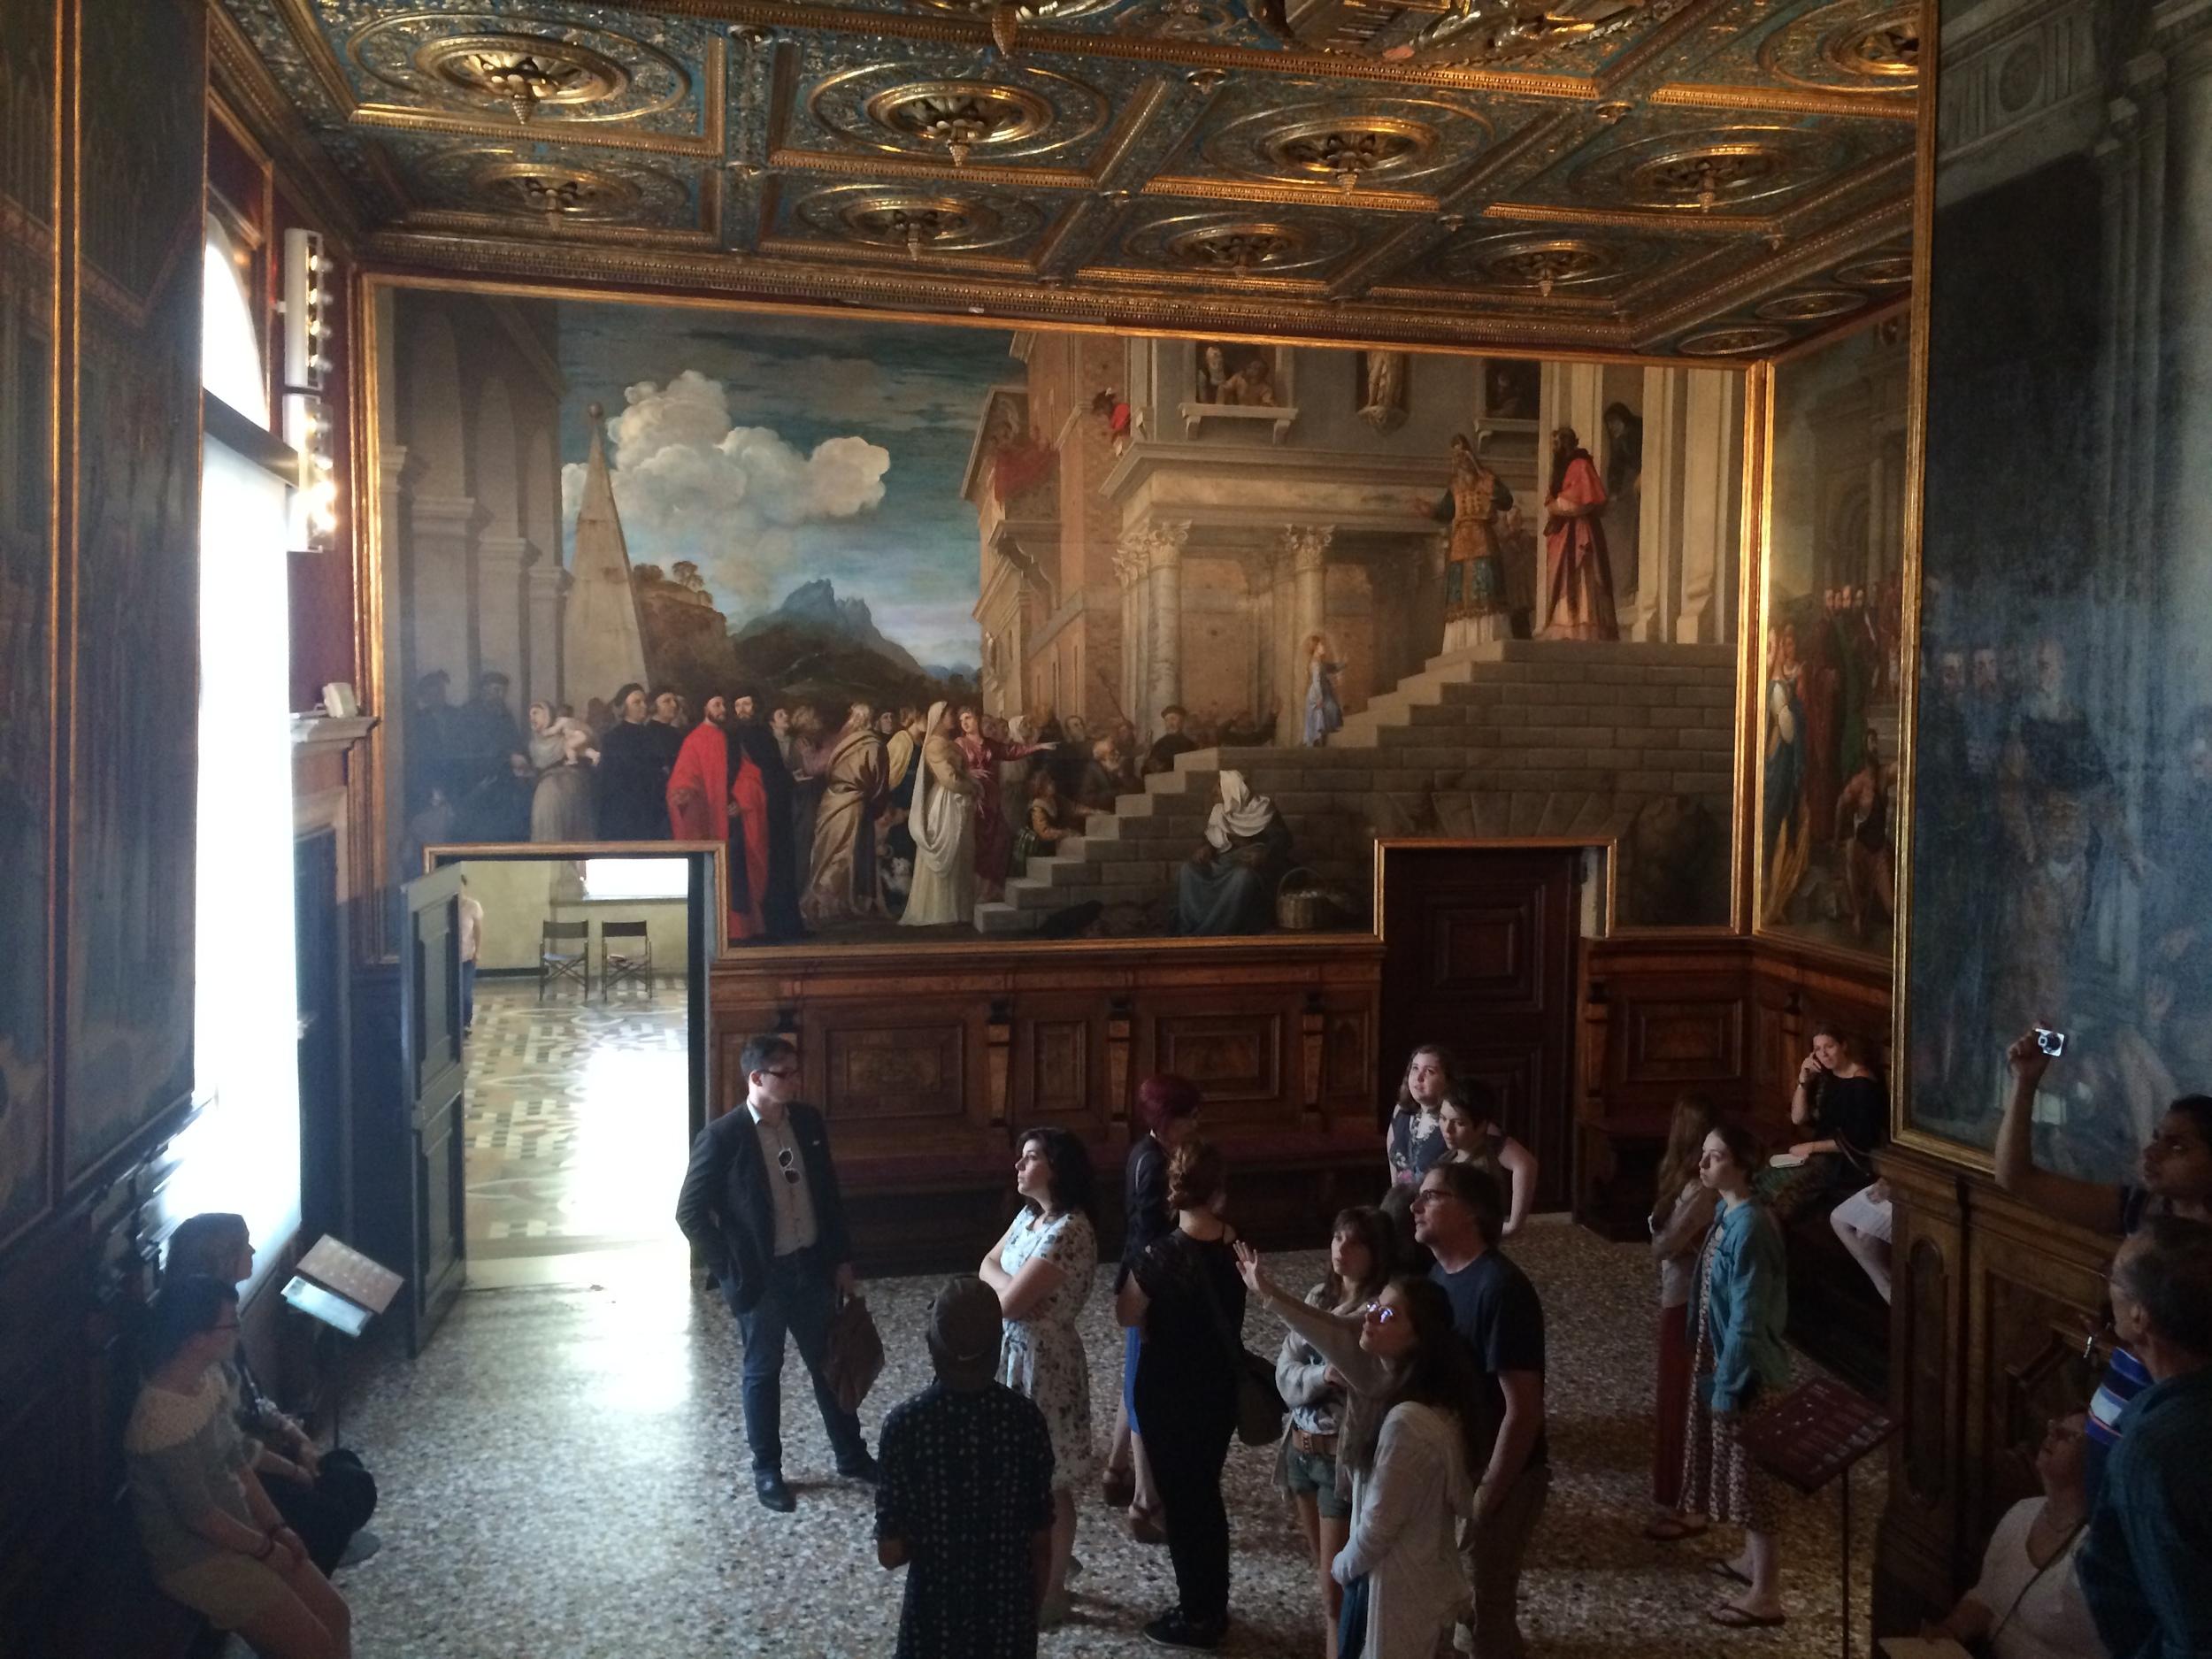 Group visit to the Albergo of the Scuola Grande di Santa Maria di Carità, Galleria dell'Accademia, with Titian's Presentation of the Virgin at the Temple (1539) (photo: J.E. Molly Seegers)